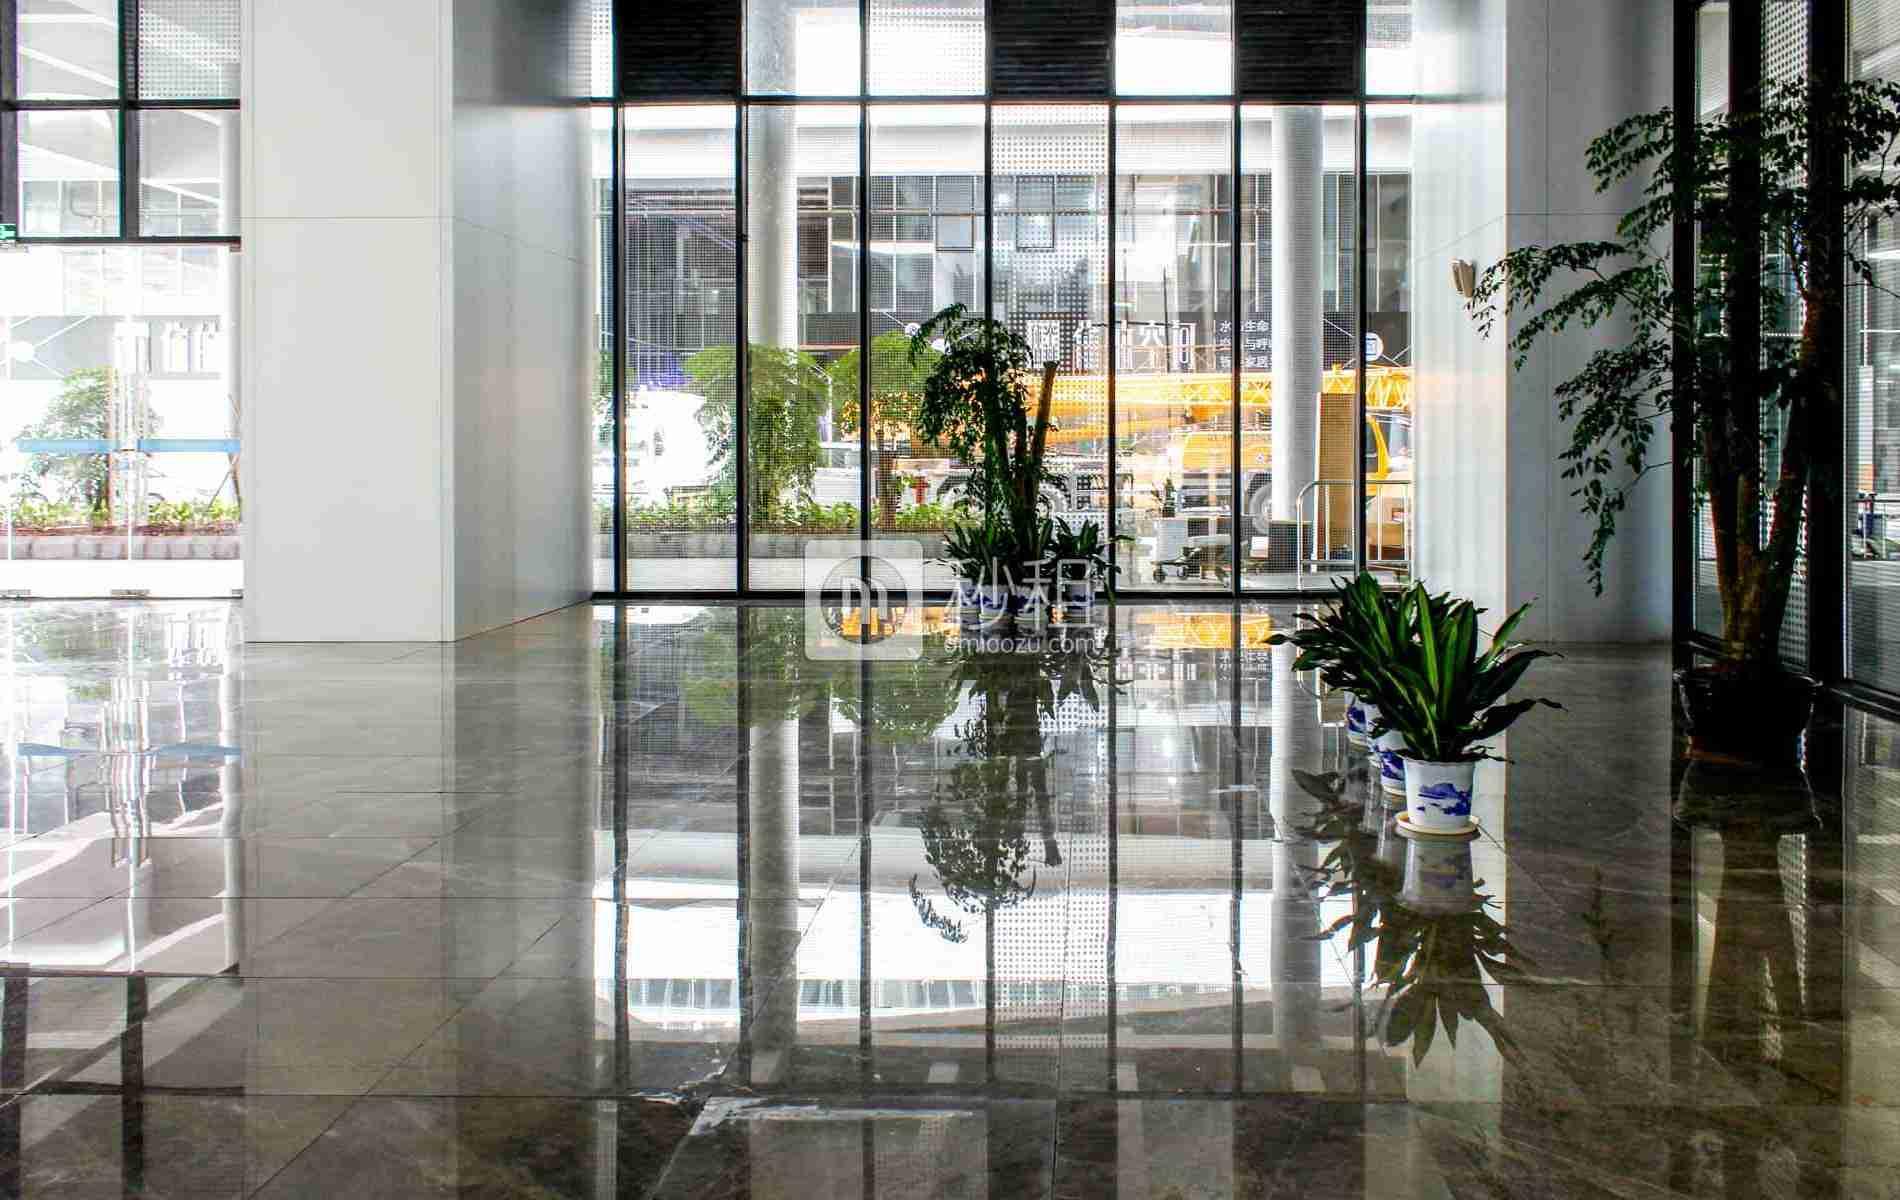 深圳湾科技生态园(二期)写字楼出租/招租/租赁,深圳湾科技生态园(二期)办公室出租/招租/租赁